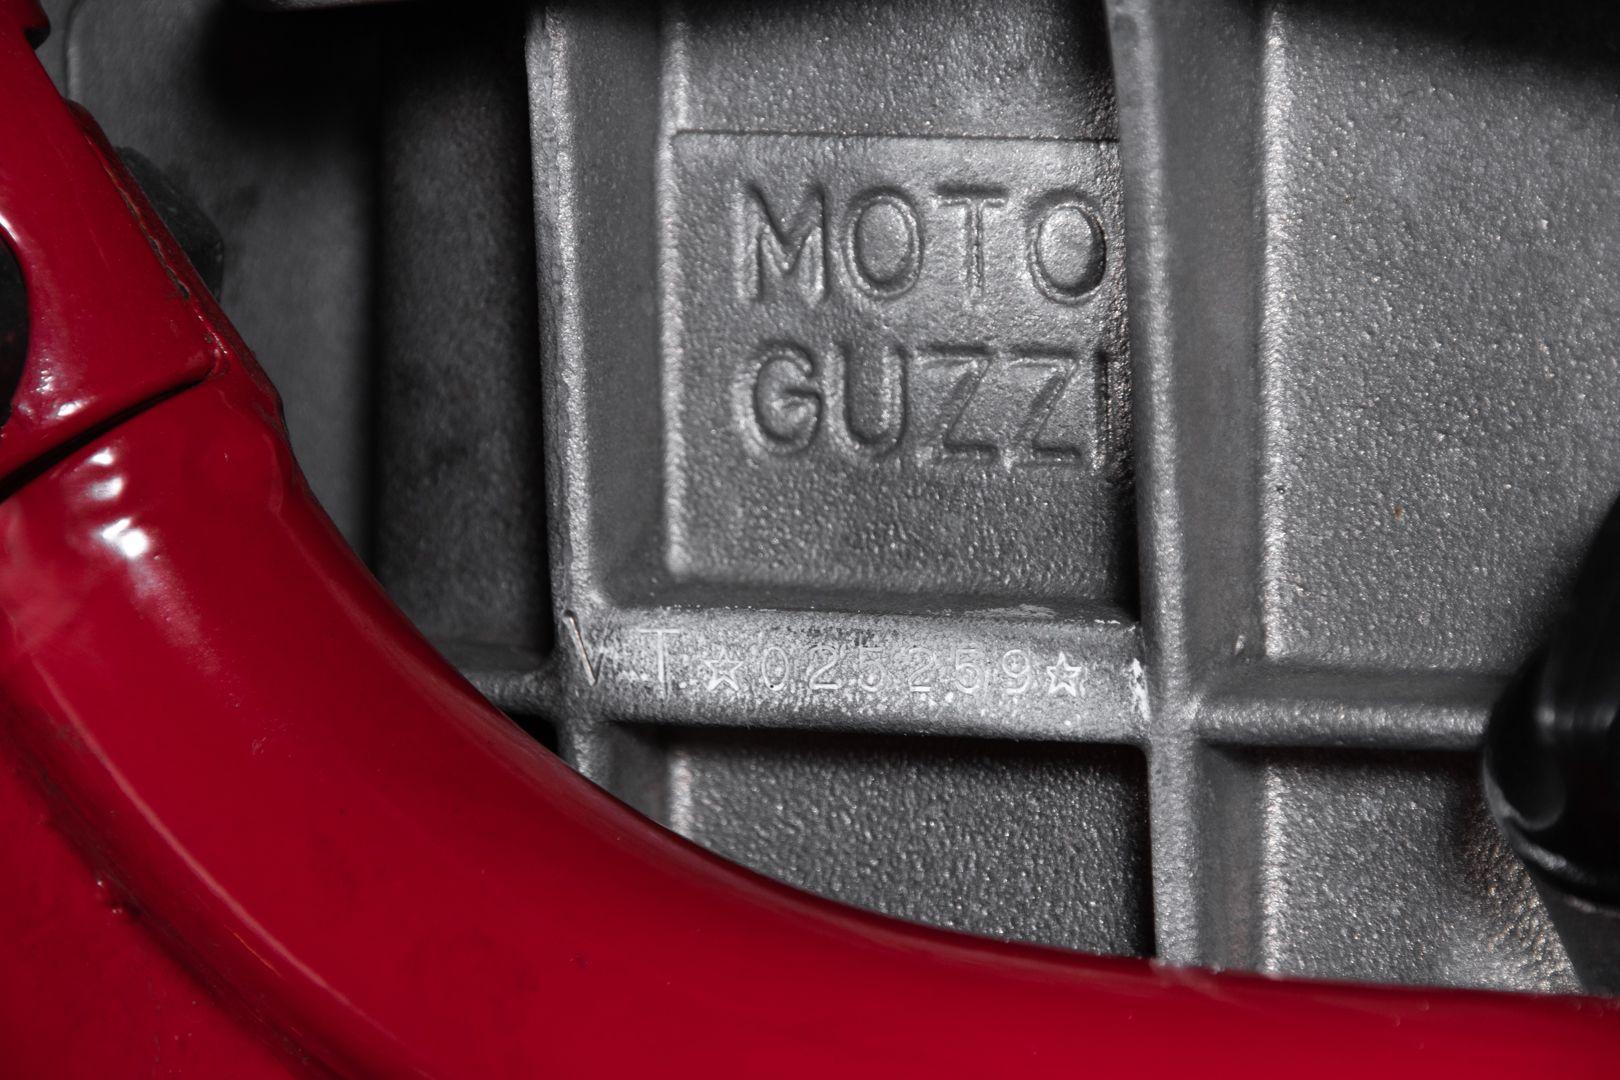 1991 Moto Guzzi GT 1000 69711